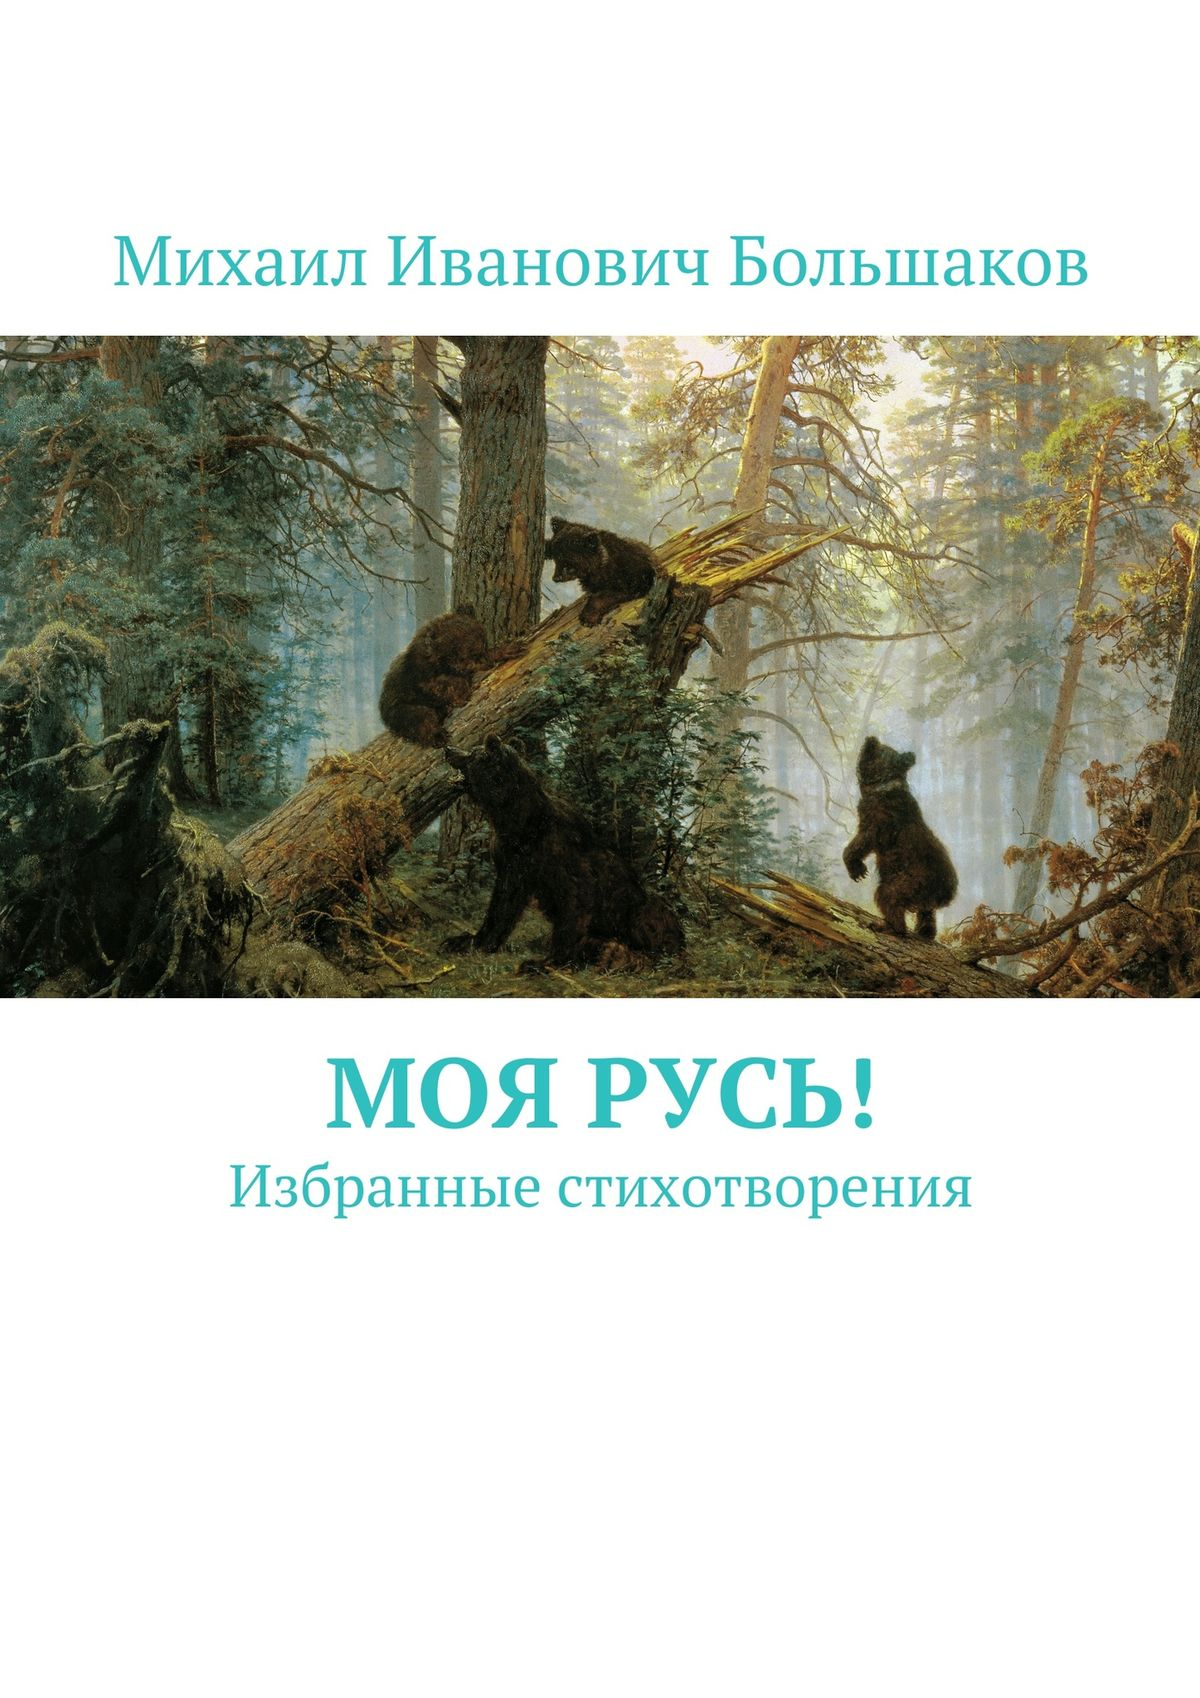 Михаил Иванович Большаков Моя Русь! Избранные стихотворения цена